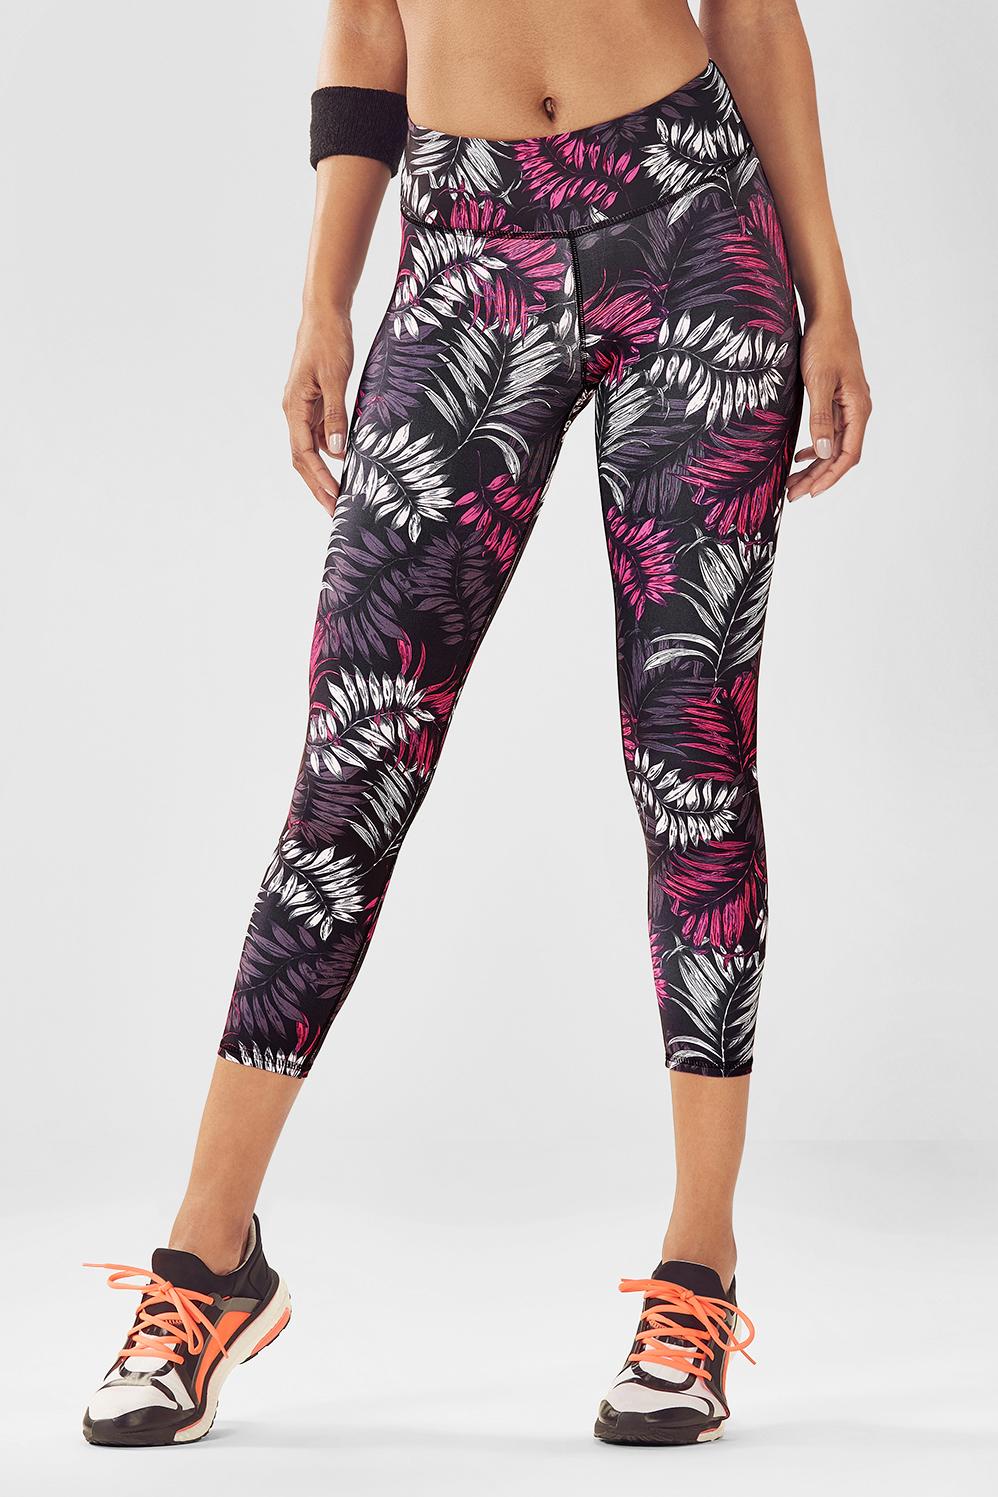 Fabletics Capri Salar Printed Powerlite Womens Pink Size L